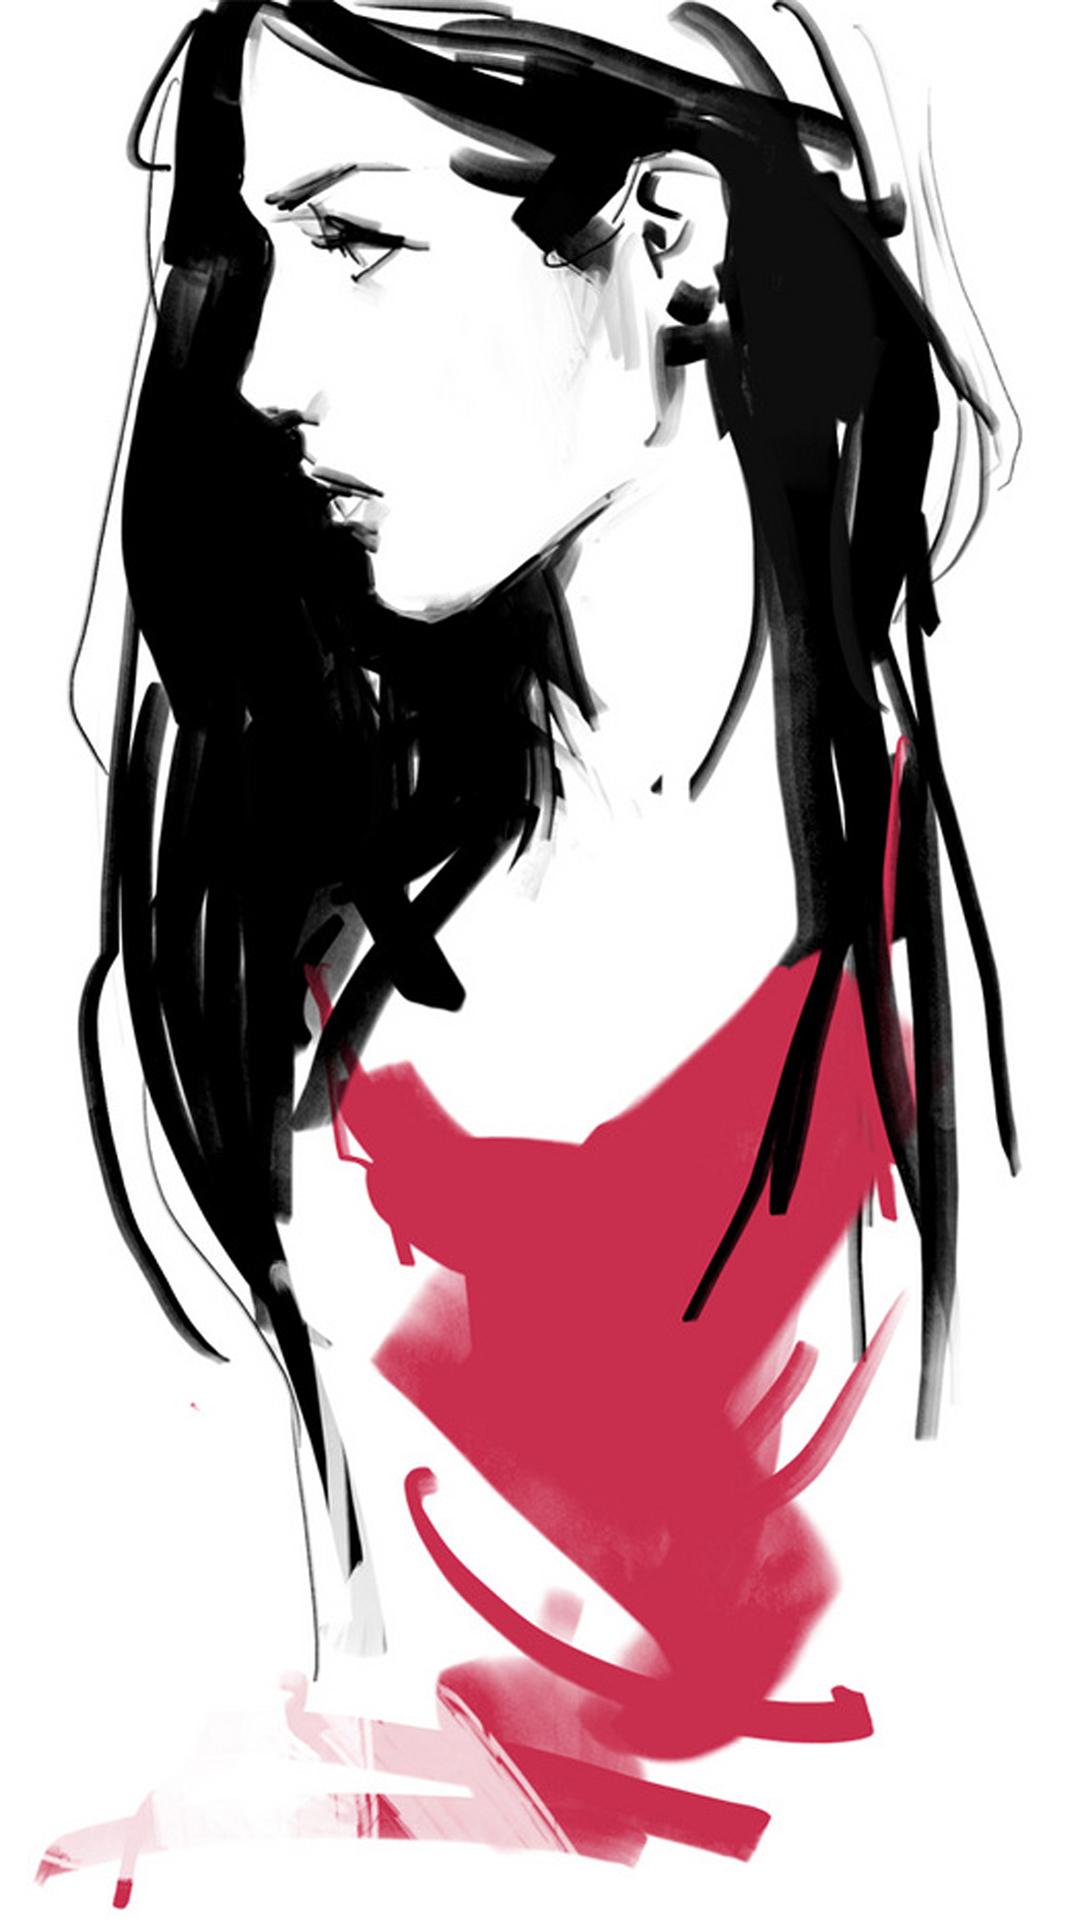 插画 手绘 女生 红色 苹果手机高清壁纸 1080x1920